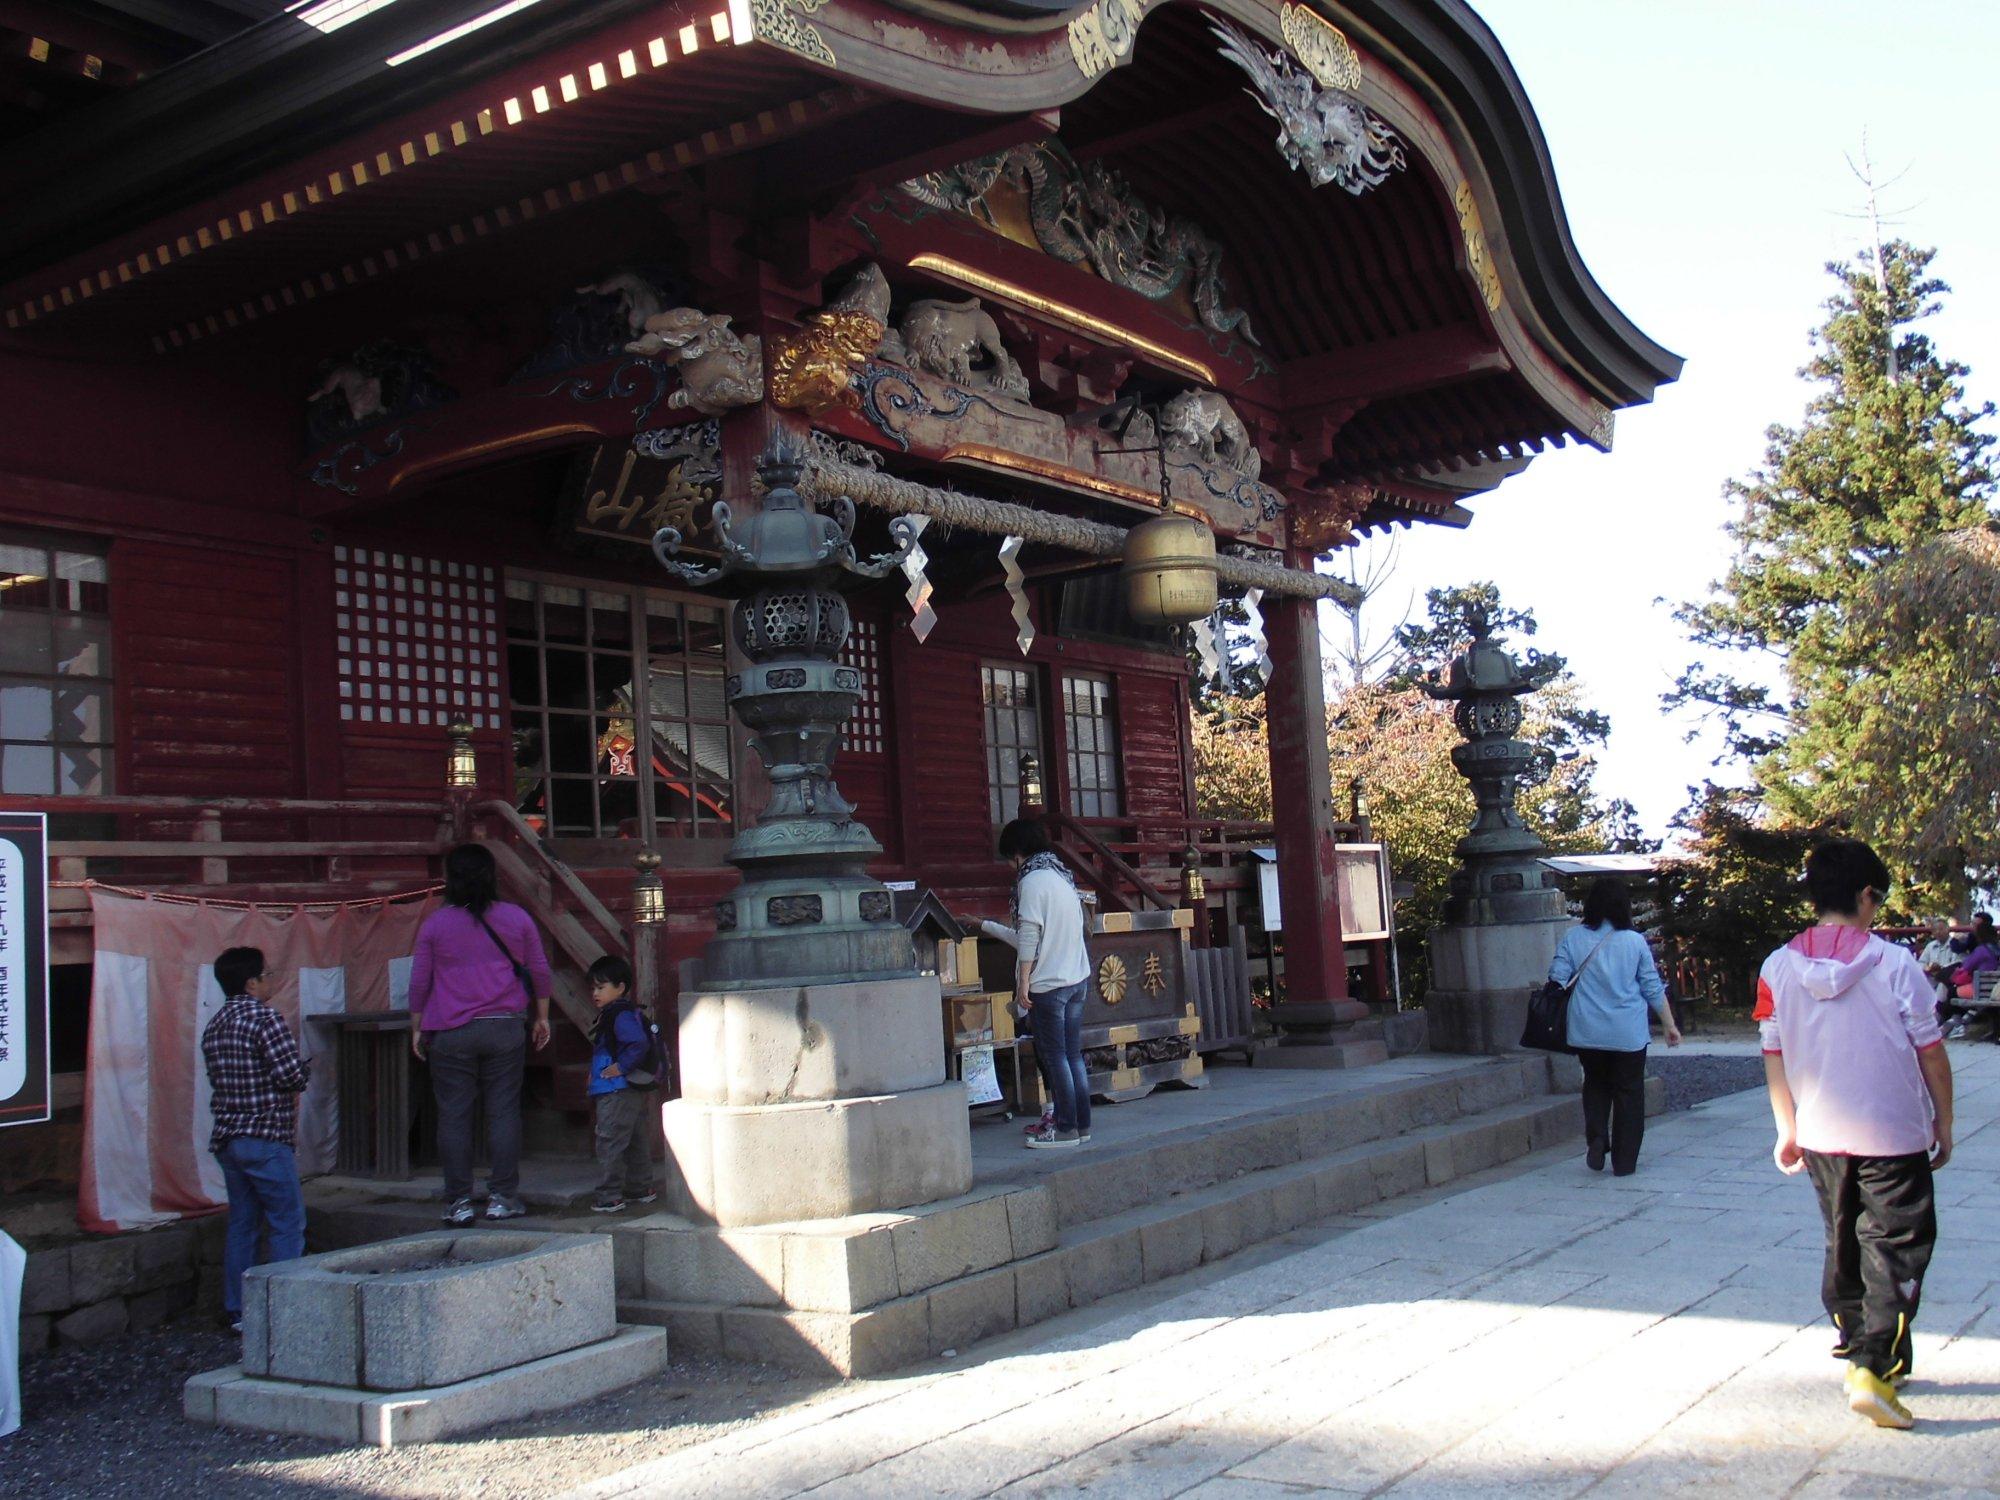 御岳山 武蔵御嶽神社 奥多摩